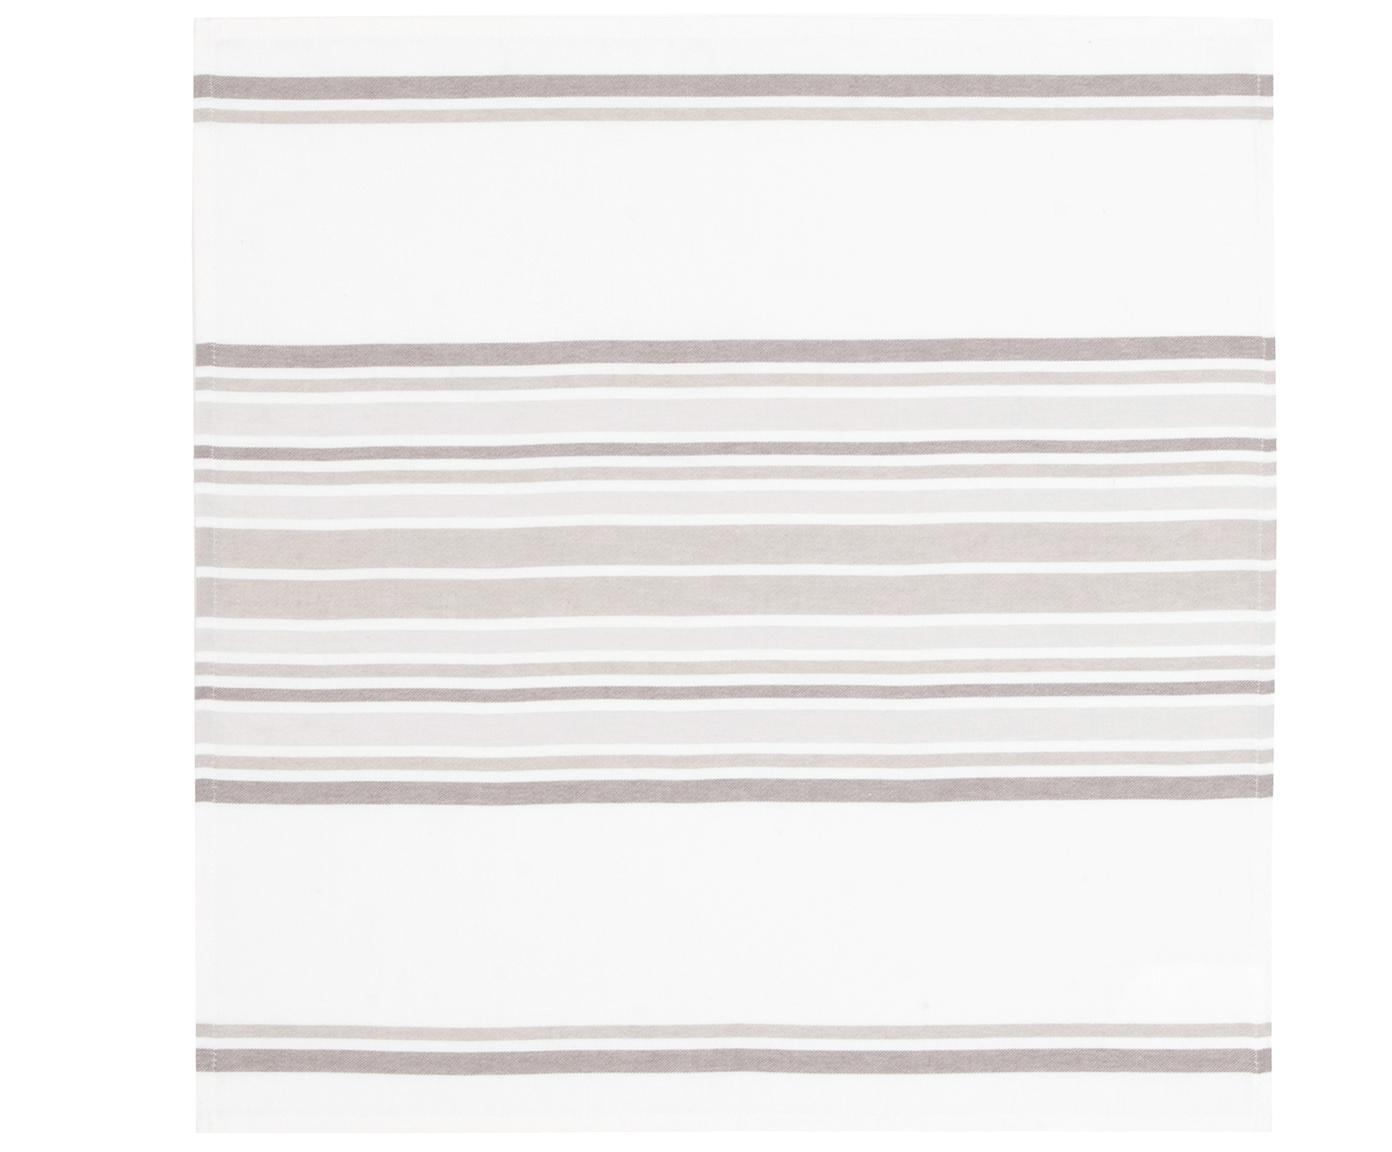 Baumwoll-Servietten Katie, 2 Stück, Baumwolle, Weiß, Beige, 50 x 50 cm